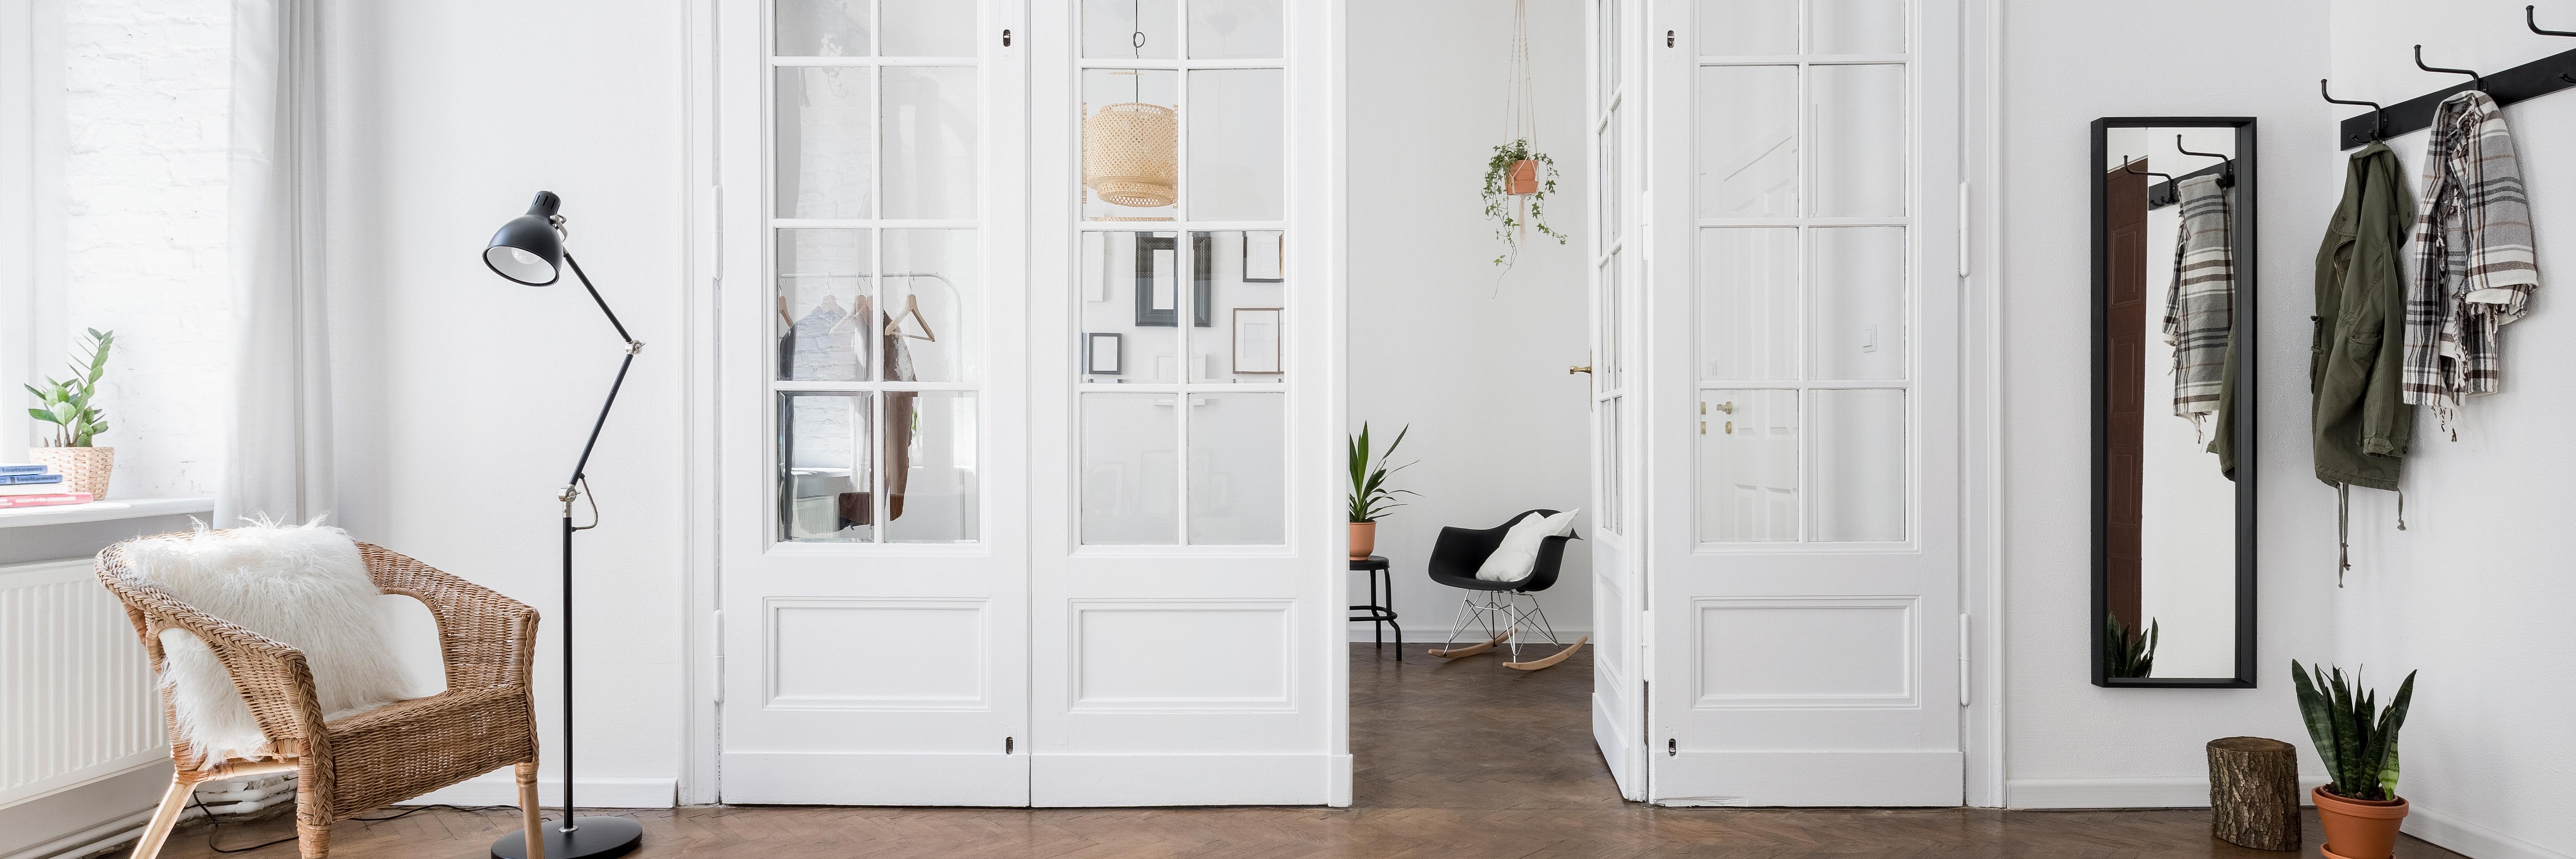 Våra mäklare i Uppsala hjälper dig hitta hem.